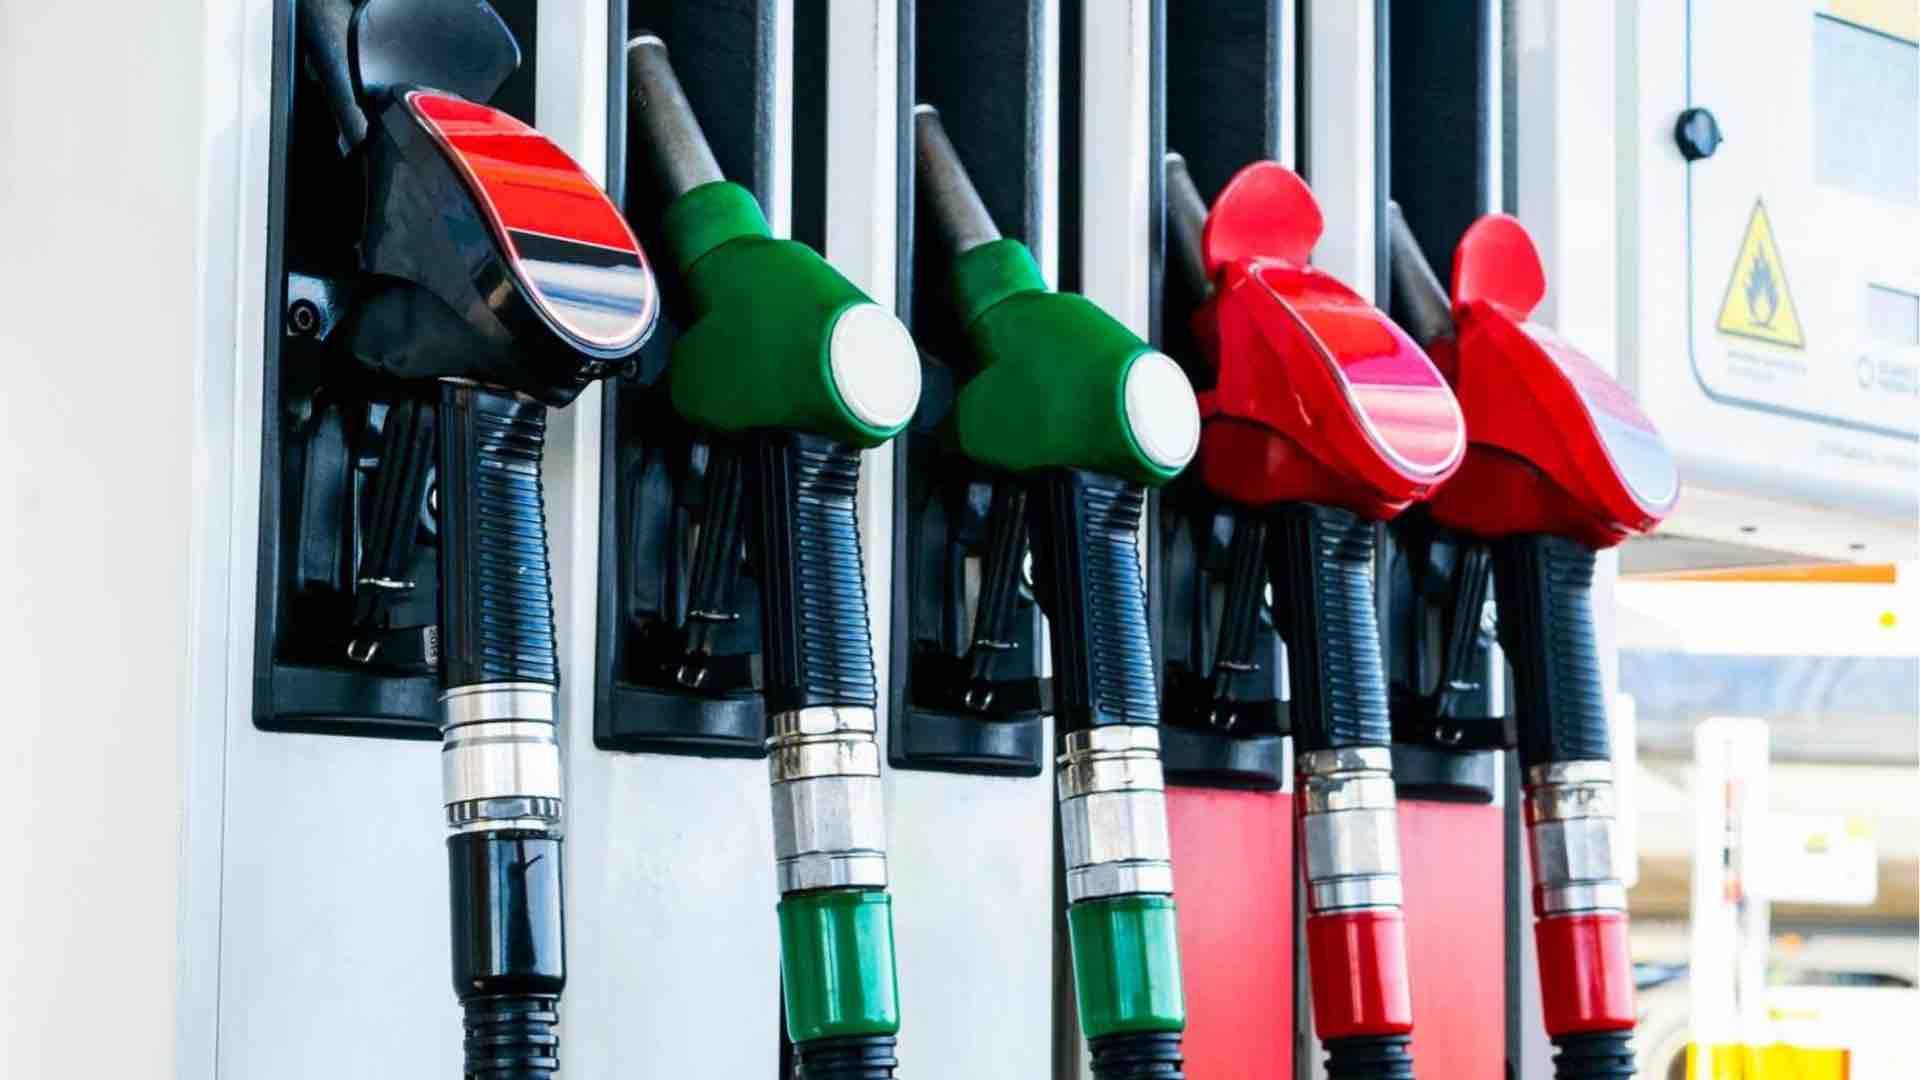 FIAP Valori indicativi di riferimento dei costi di esercizio v2. Dato del costo del gasolio del mese di Gennaio 2020.